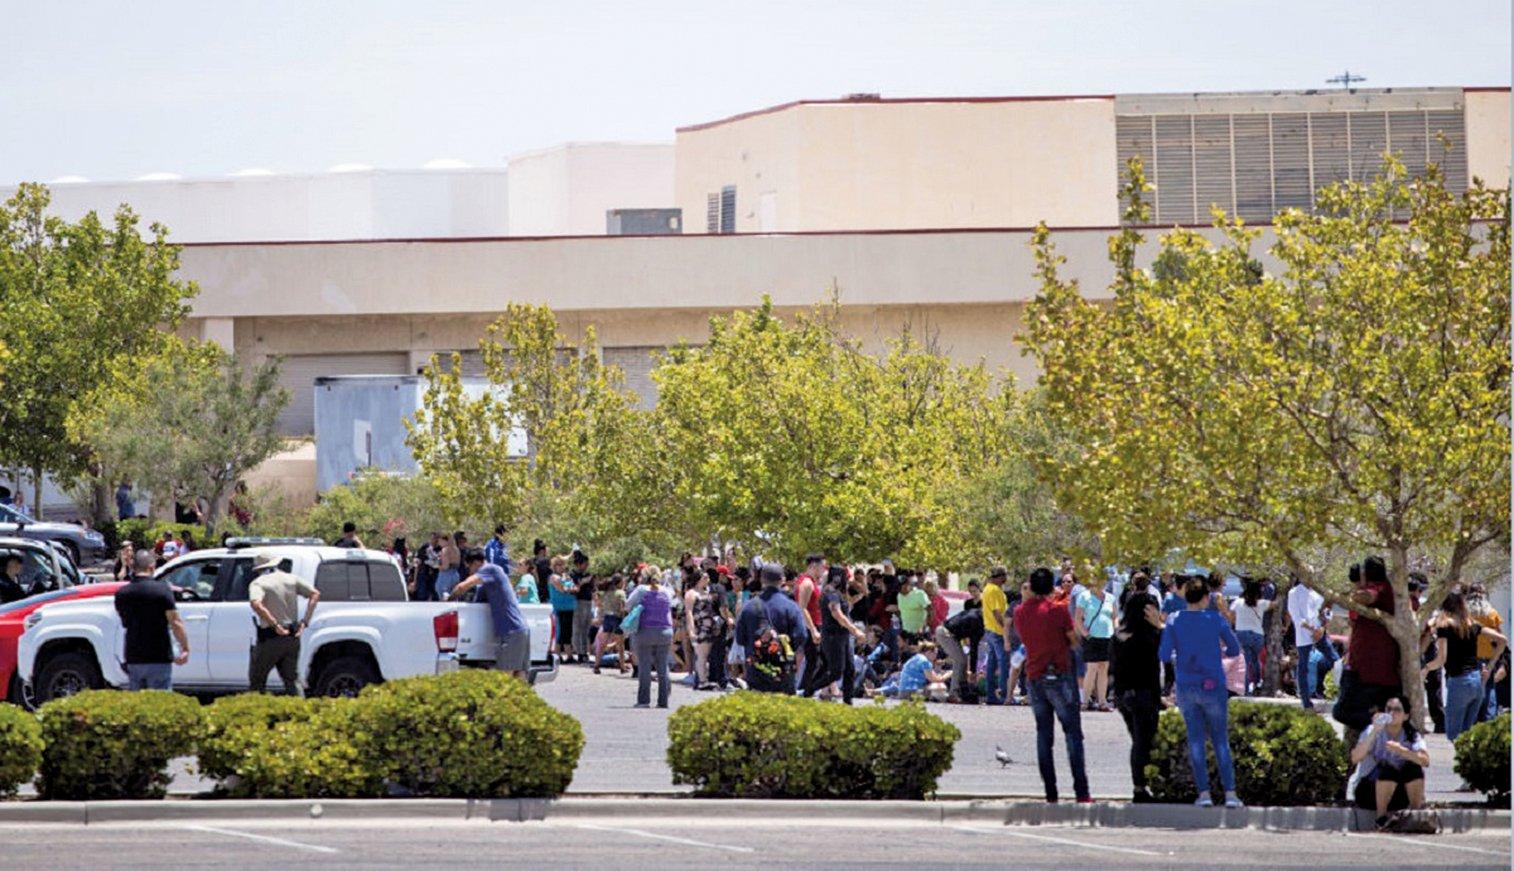 2019年8月3日,德州艾爾帕索市沃爾瑪賣場,發生槍擊案,已造成20死、26傷。(AFP)